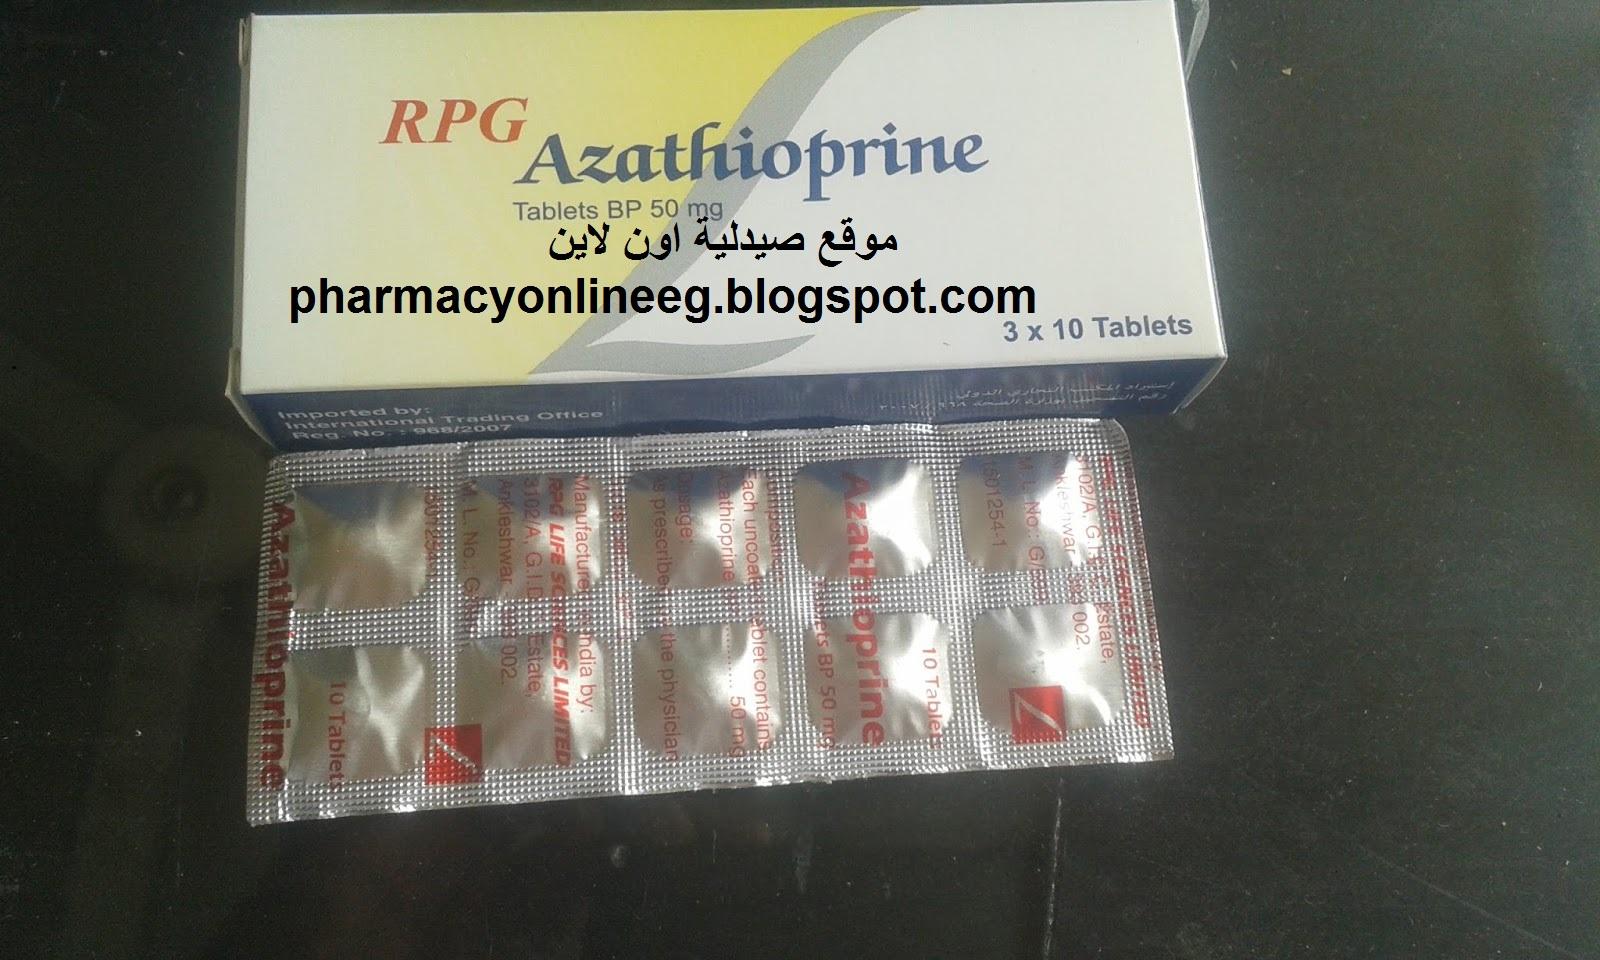 ازاثيوبرين Azathioprine ، علاج مثبط لجهاز المناعة